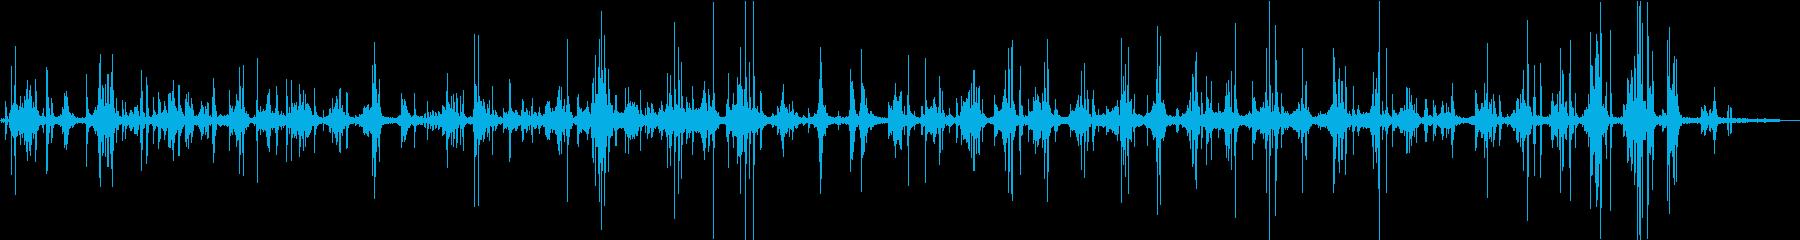 【生録音】雪の上を走る音の再生済みの波形